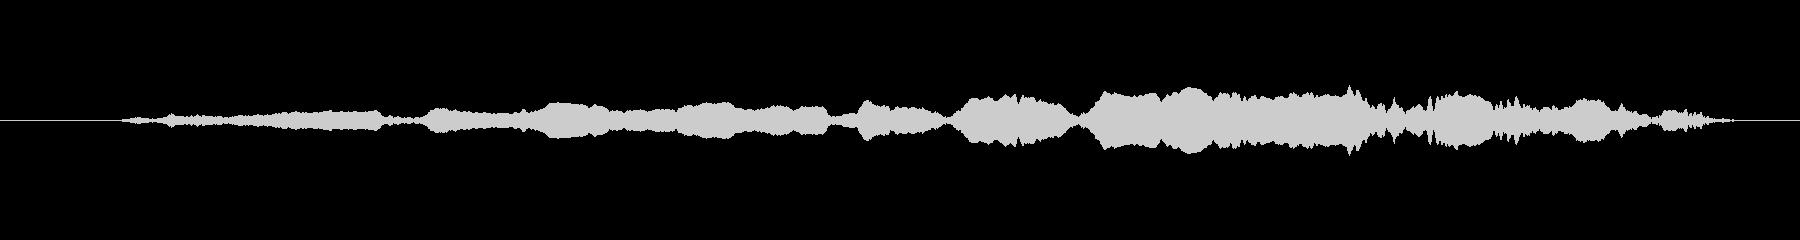 FX ホイッスルスライドトレモロ06の未再生の波形